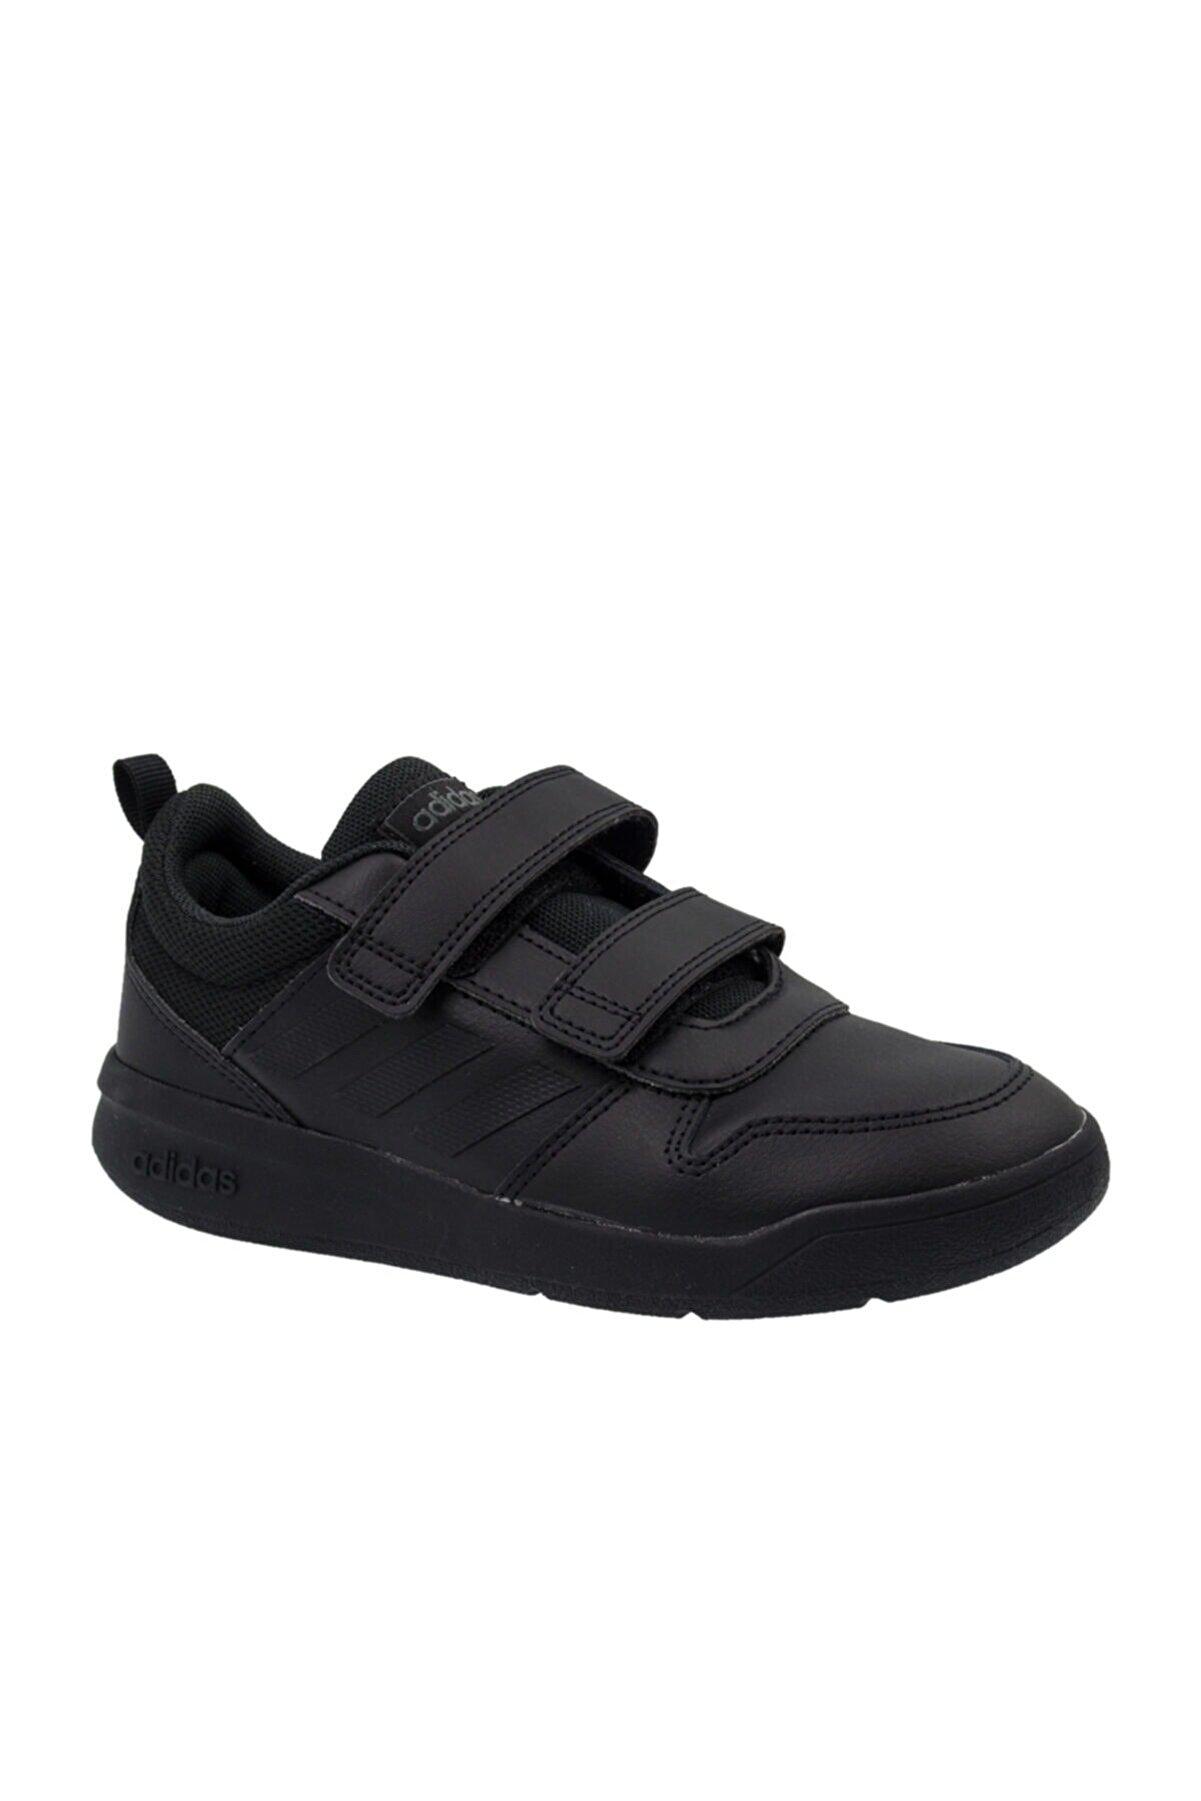 adidas TENSAUR Siyah Erkek Çocuk Yürüyüş Ayakkabısı 100536358